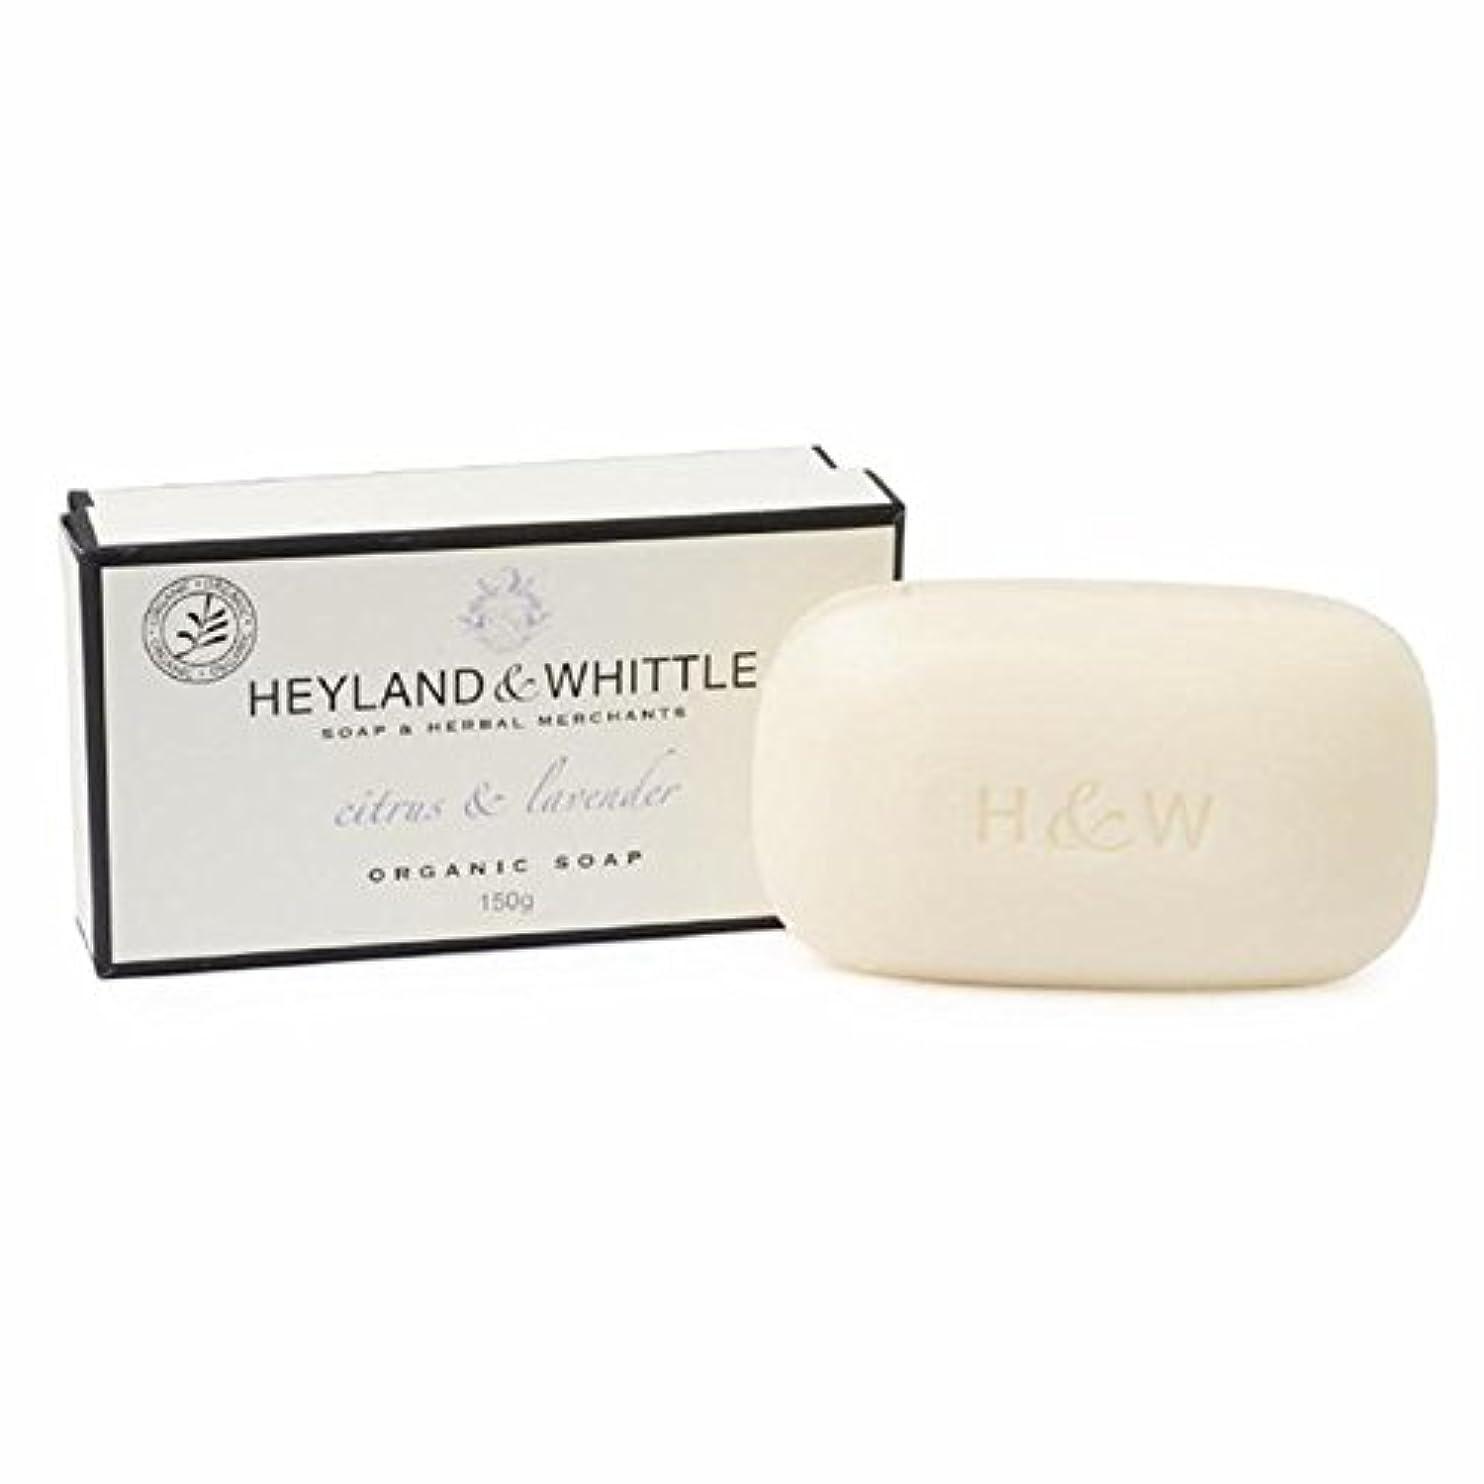 カエル起きる嫌なHeyland & Whittle Citrus & Lavender Boxed Organic Soap 150g - &削るシトラス&ラベンダーは、有機石鹸150グラム箱入り [並行輸入品]